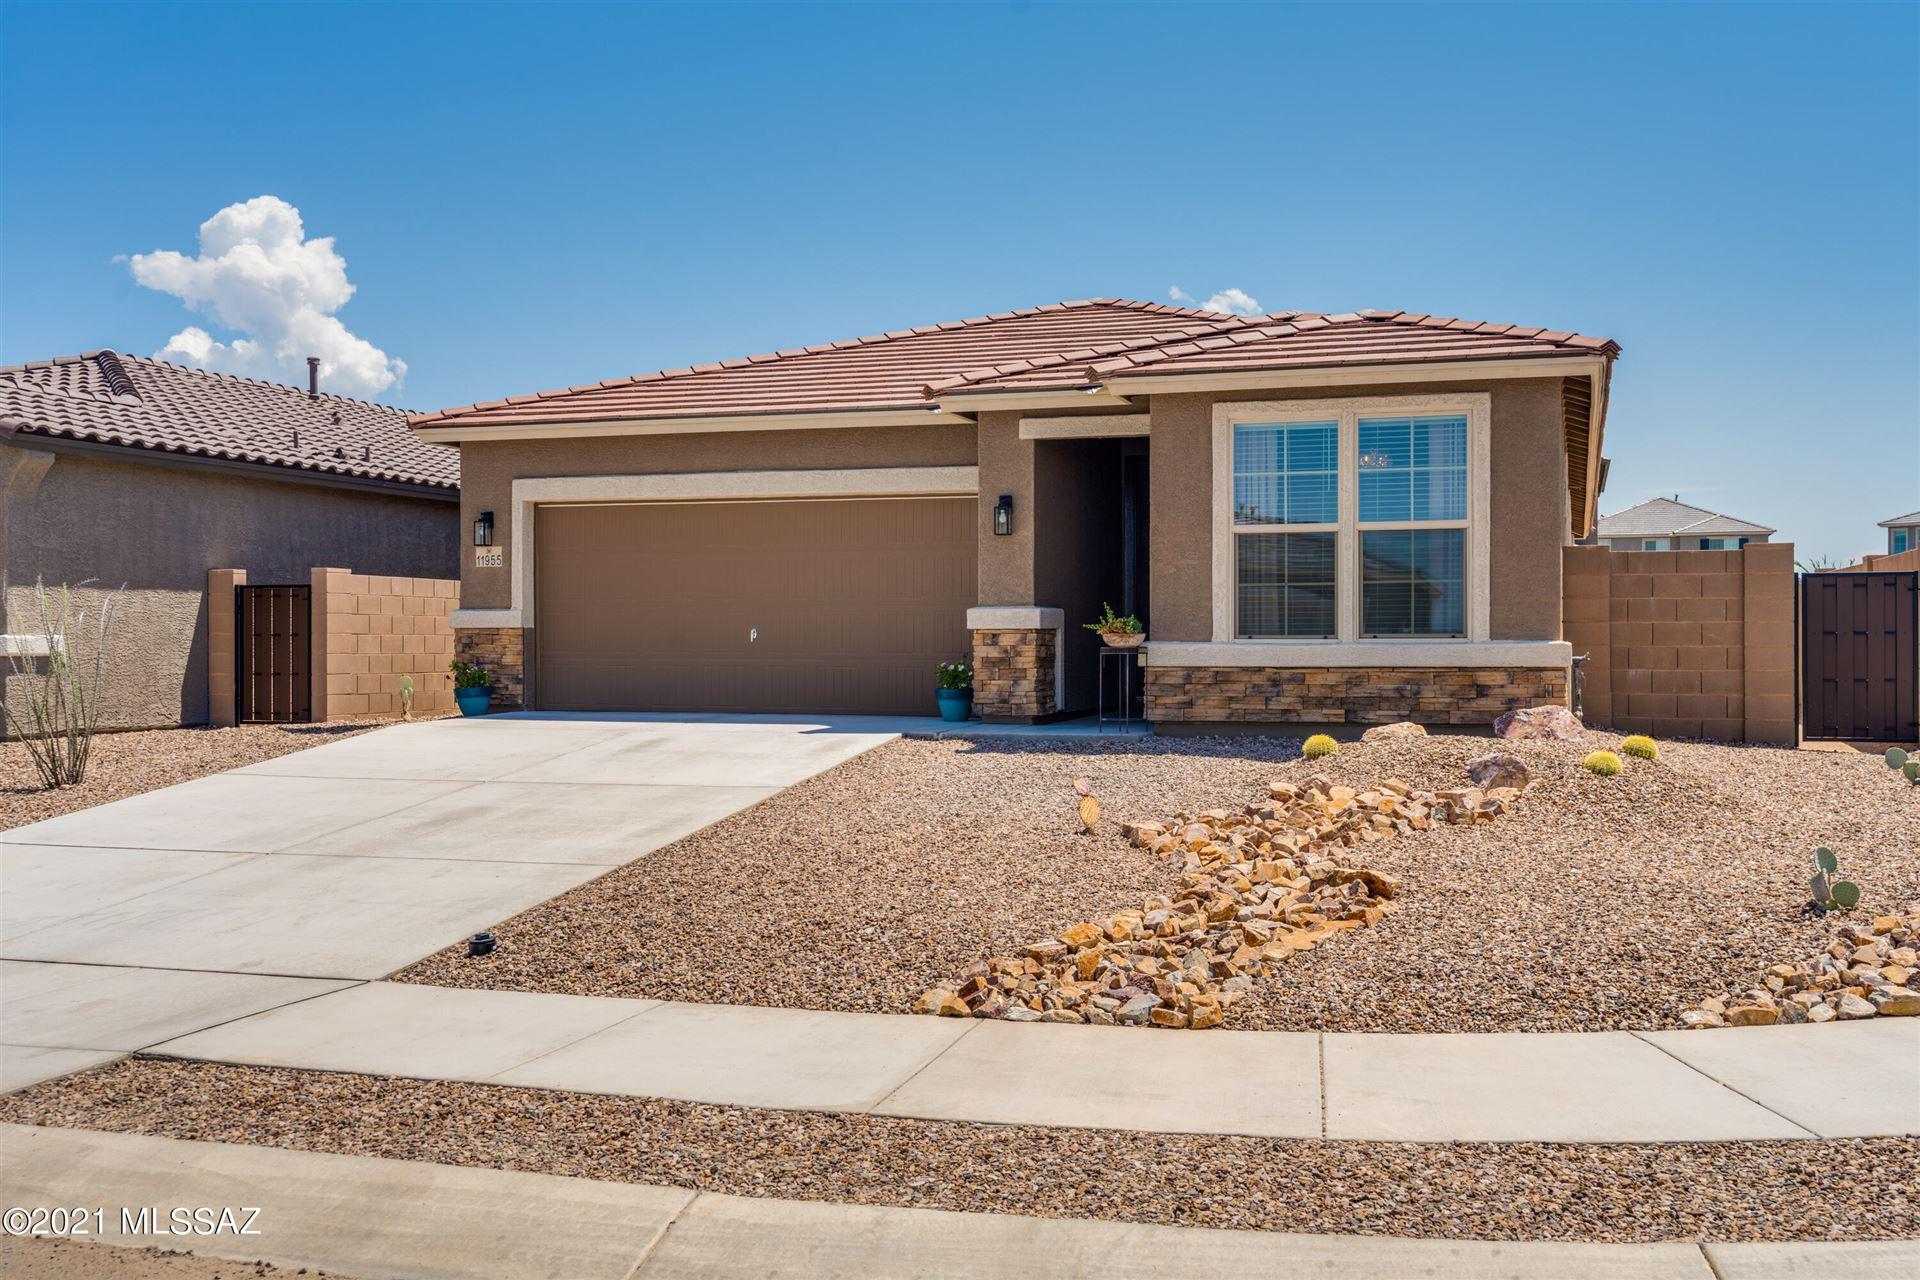 11955 E Ryscott Circle, Vail, AZ 85641 - MLS#: 22122655